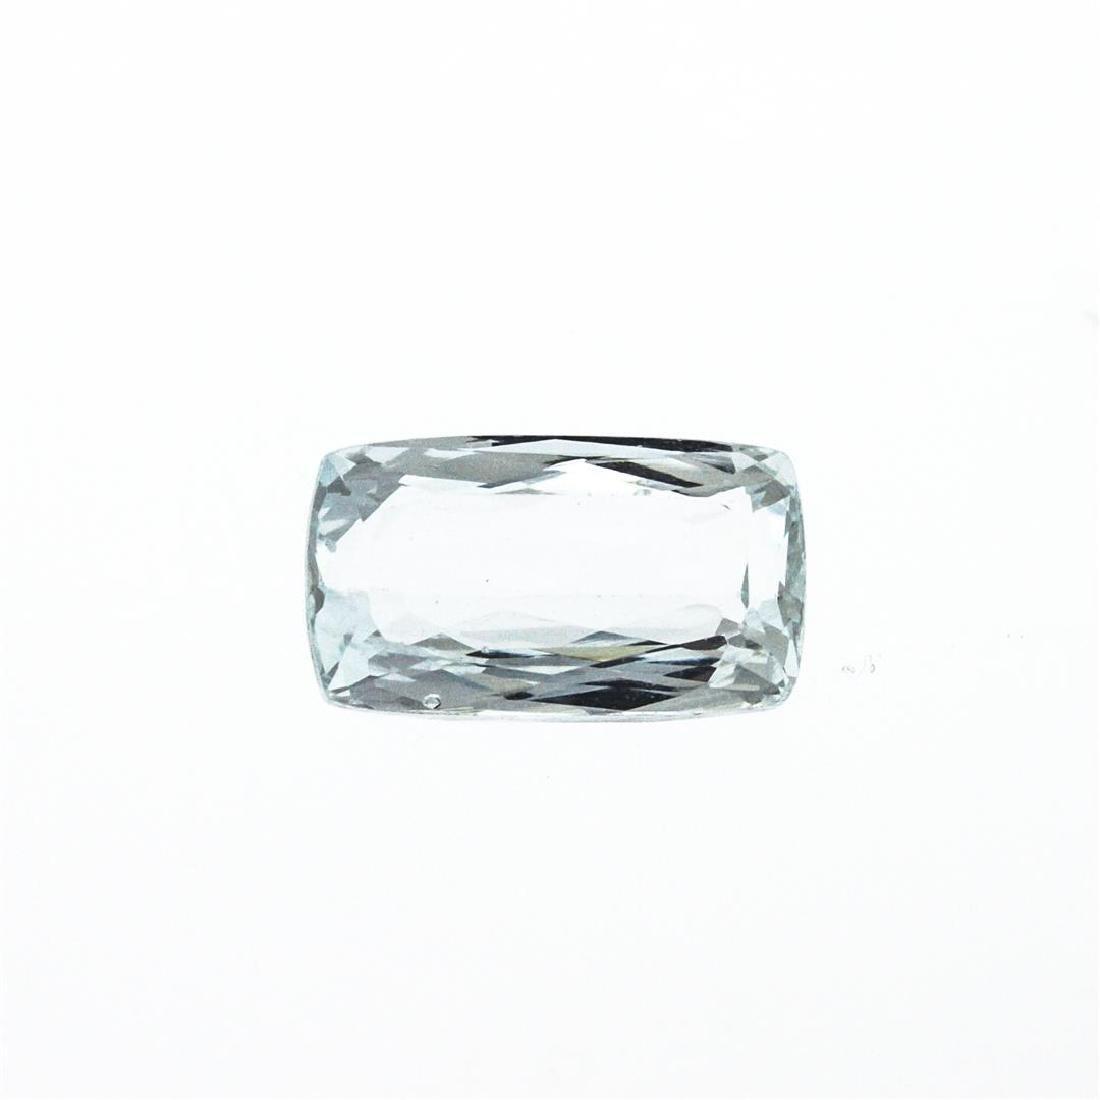 5.68 ct. Natural Cushion Cut Aquamarine